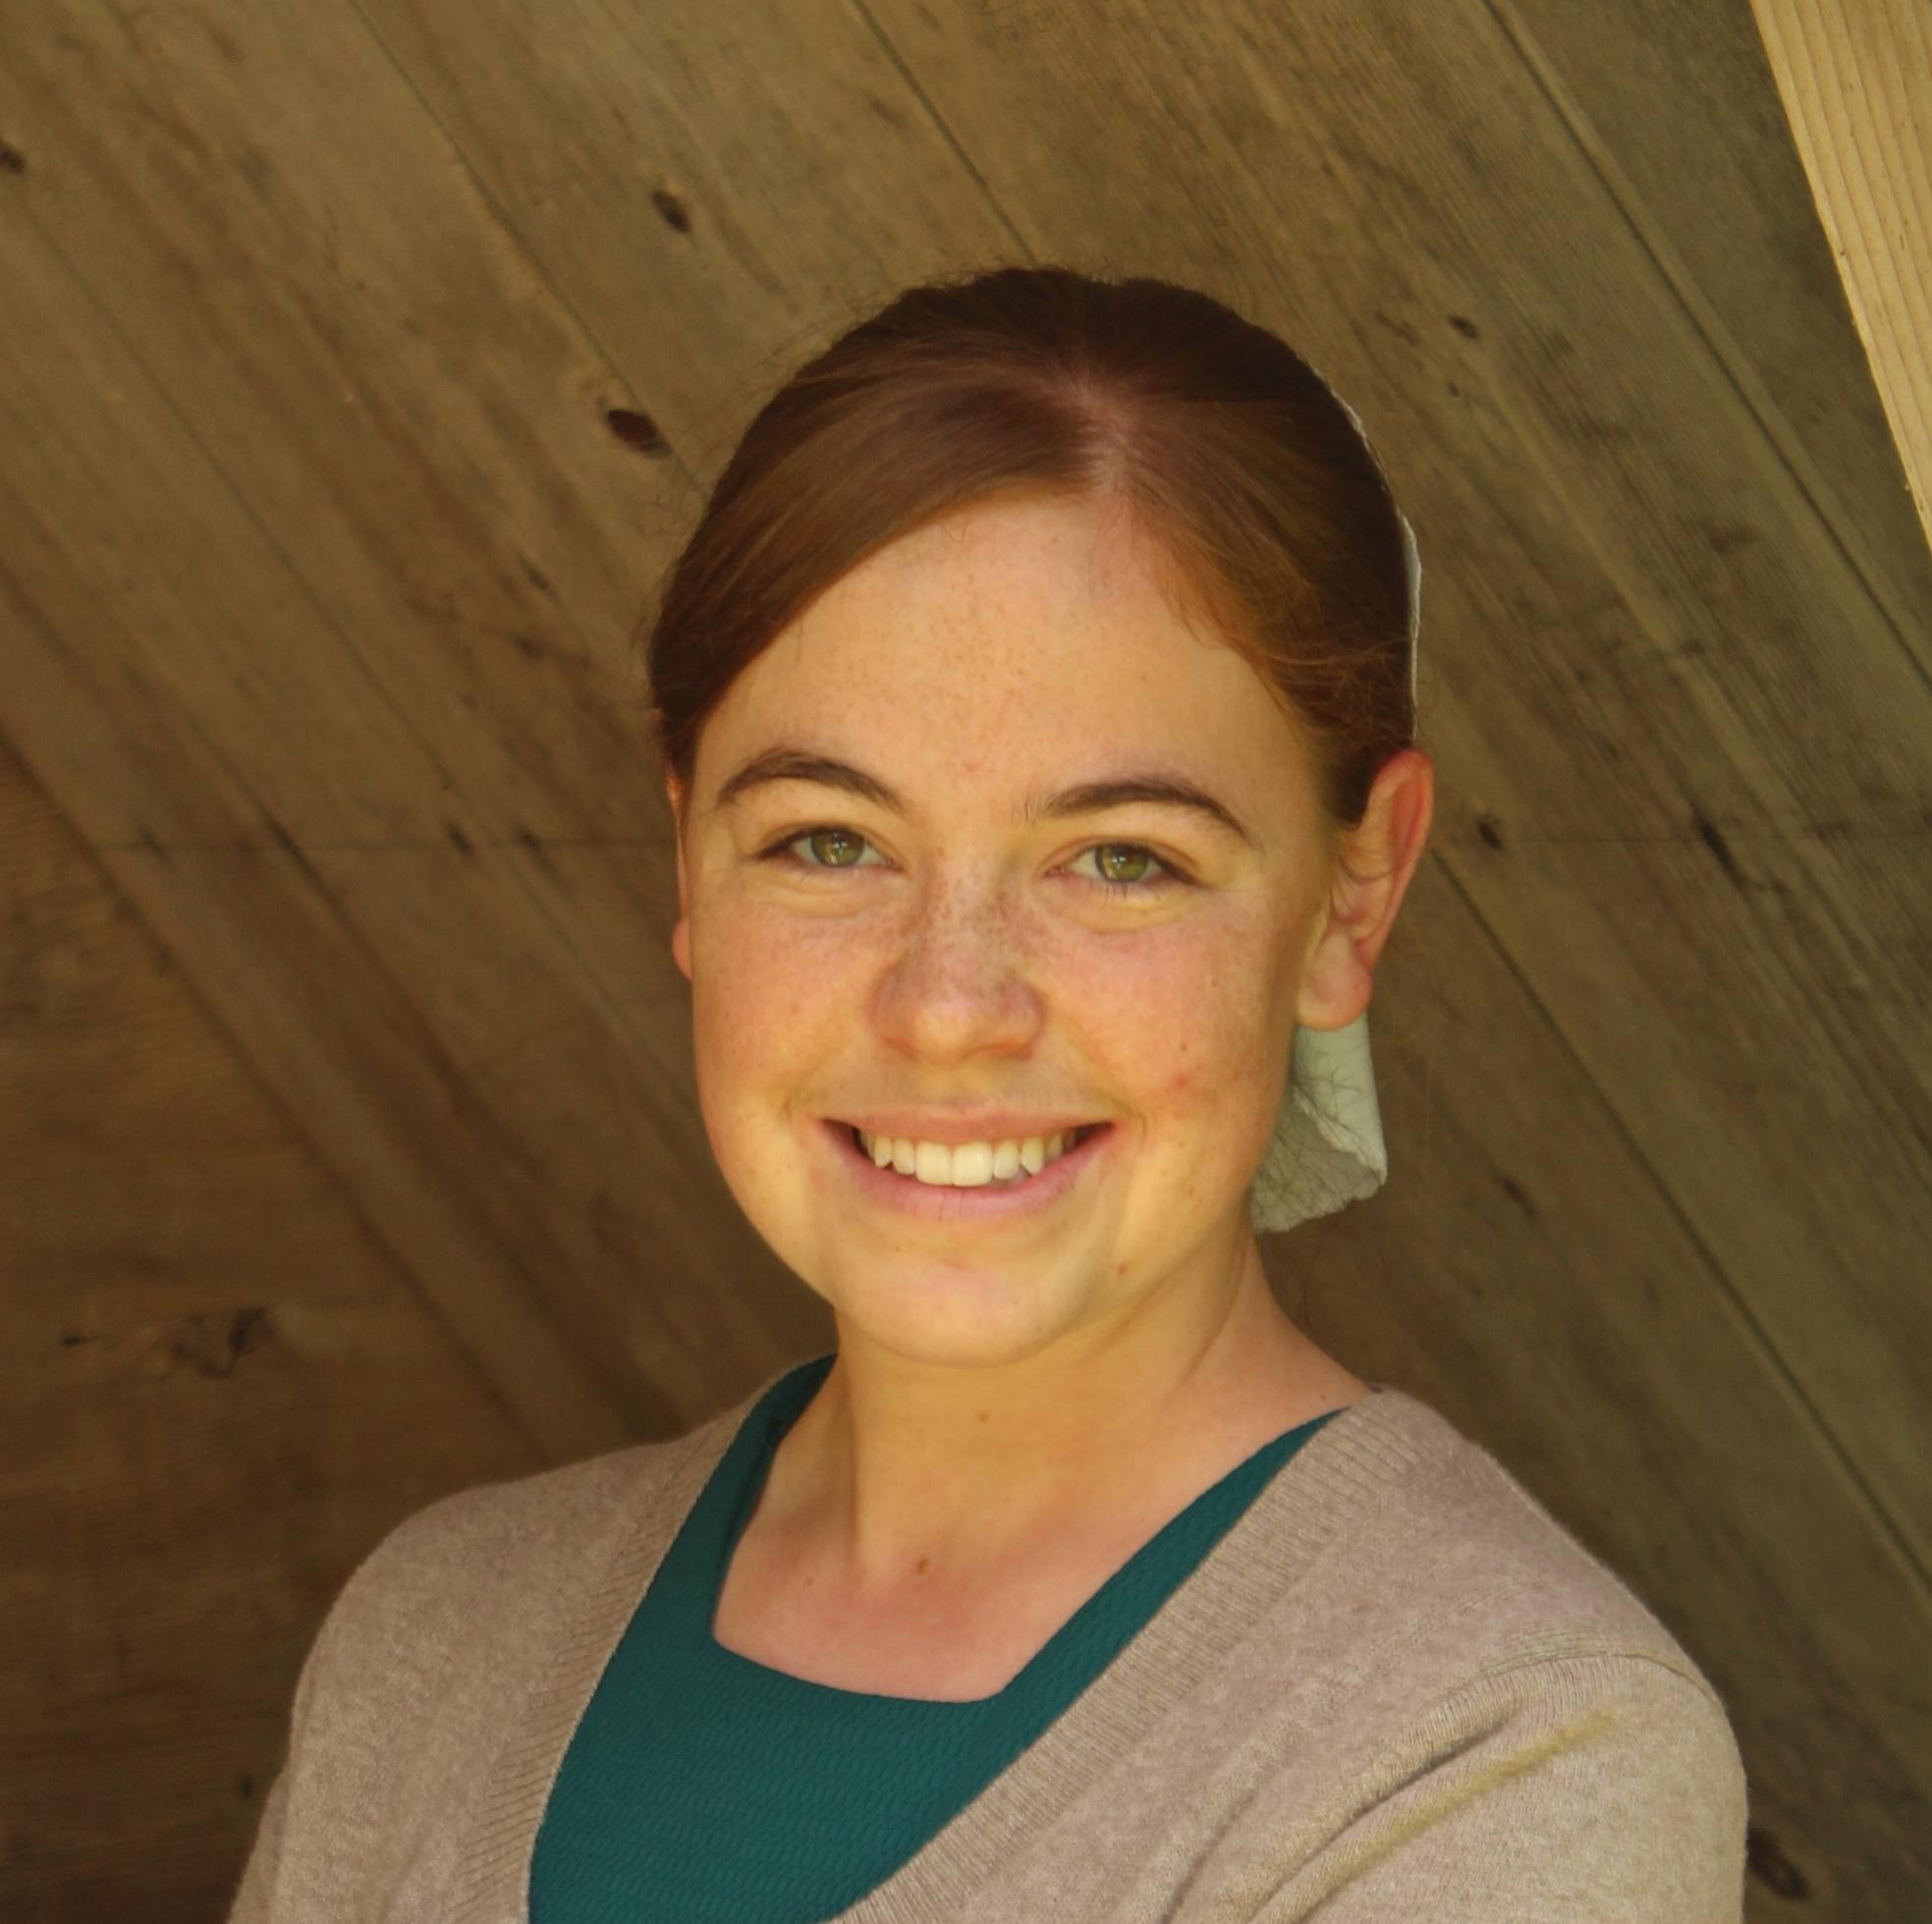 Krista Mullet, proofreader